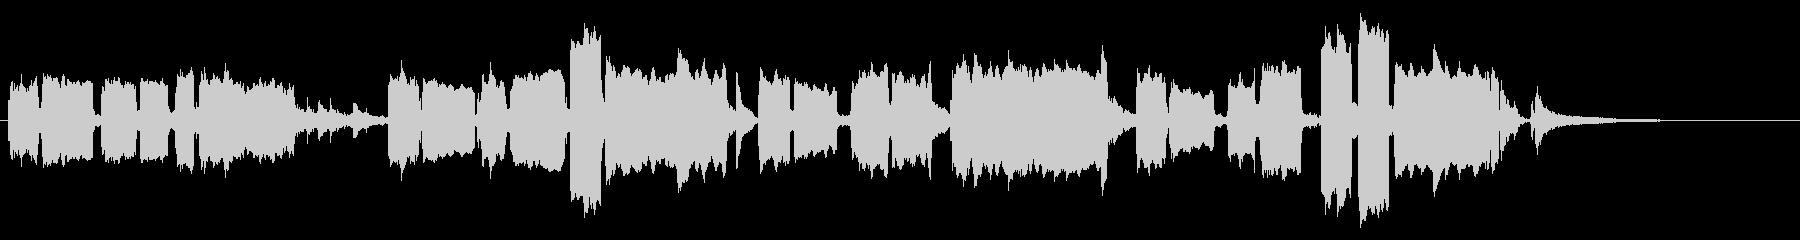 主人公が演奏する悲しいオカリナの旋律の未再生の波形